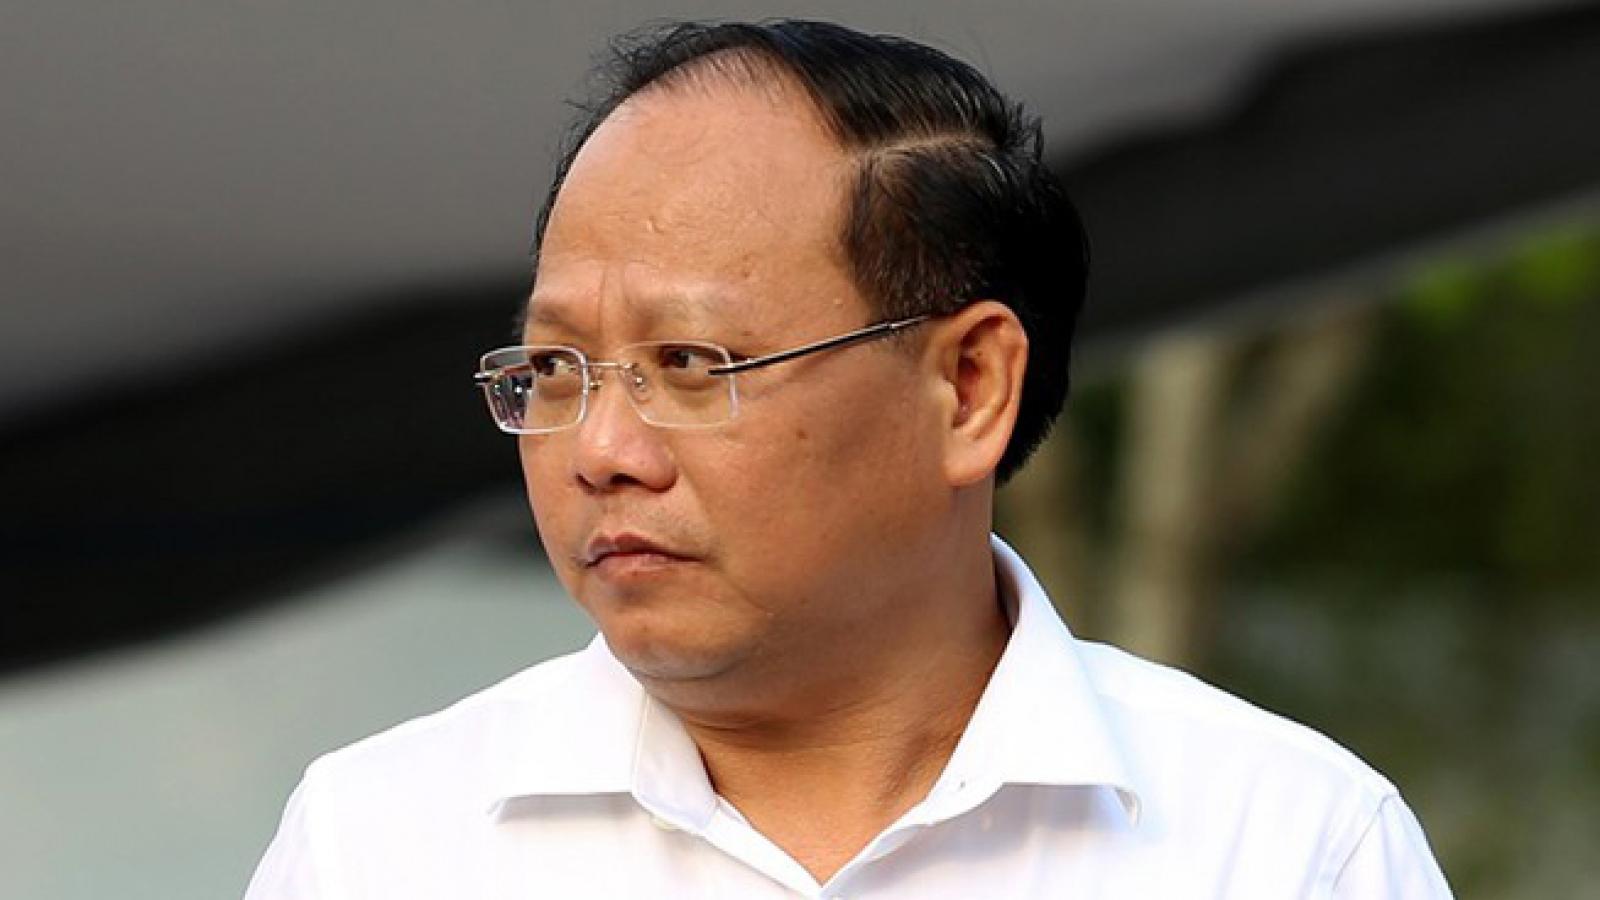 Nóng 24h: Đề nghị truy tố ông Tất Thành Cang vụ sai phạm 32ha đất ở Phước Kiển